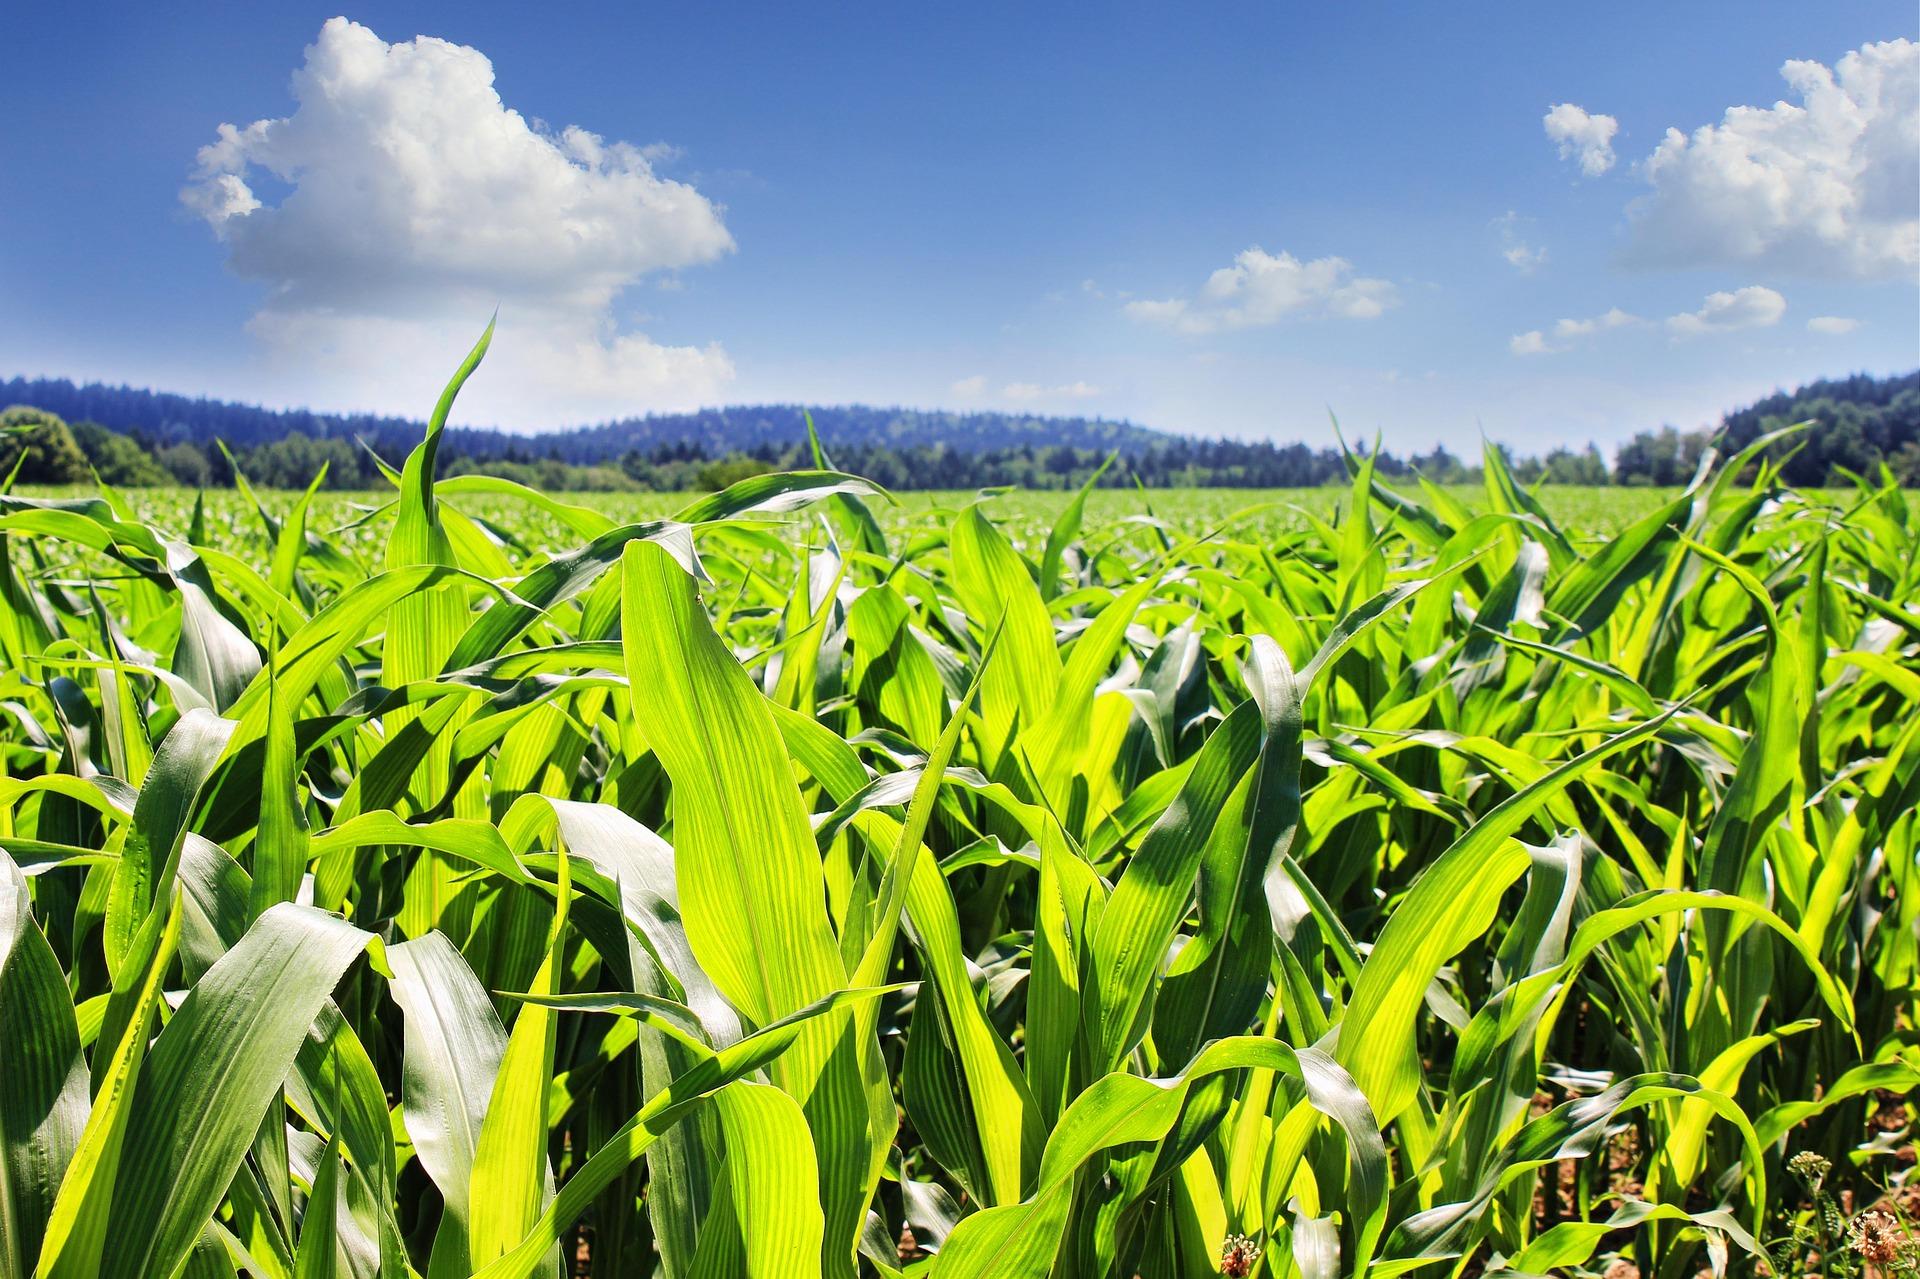 Держпродспоживслужба підтримала позицію Американської торговельної палати щодо допустимого вмісту хлорпірифосу у агропродукції